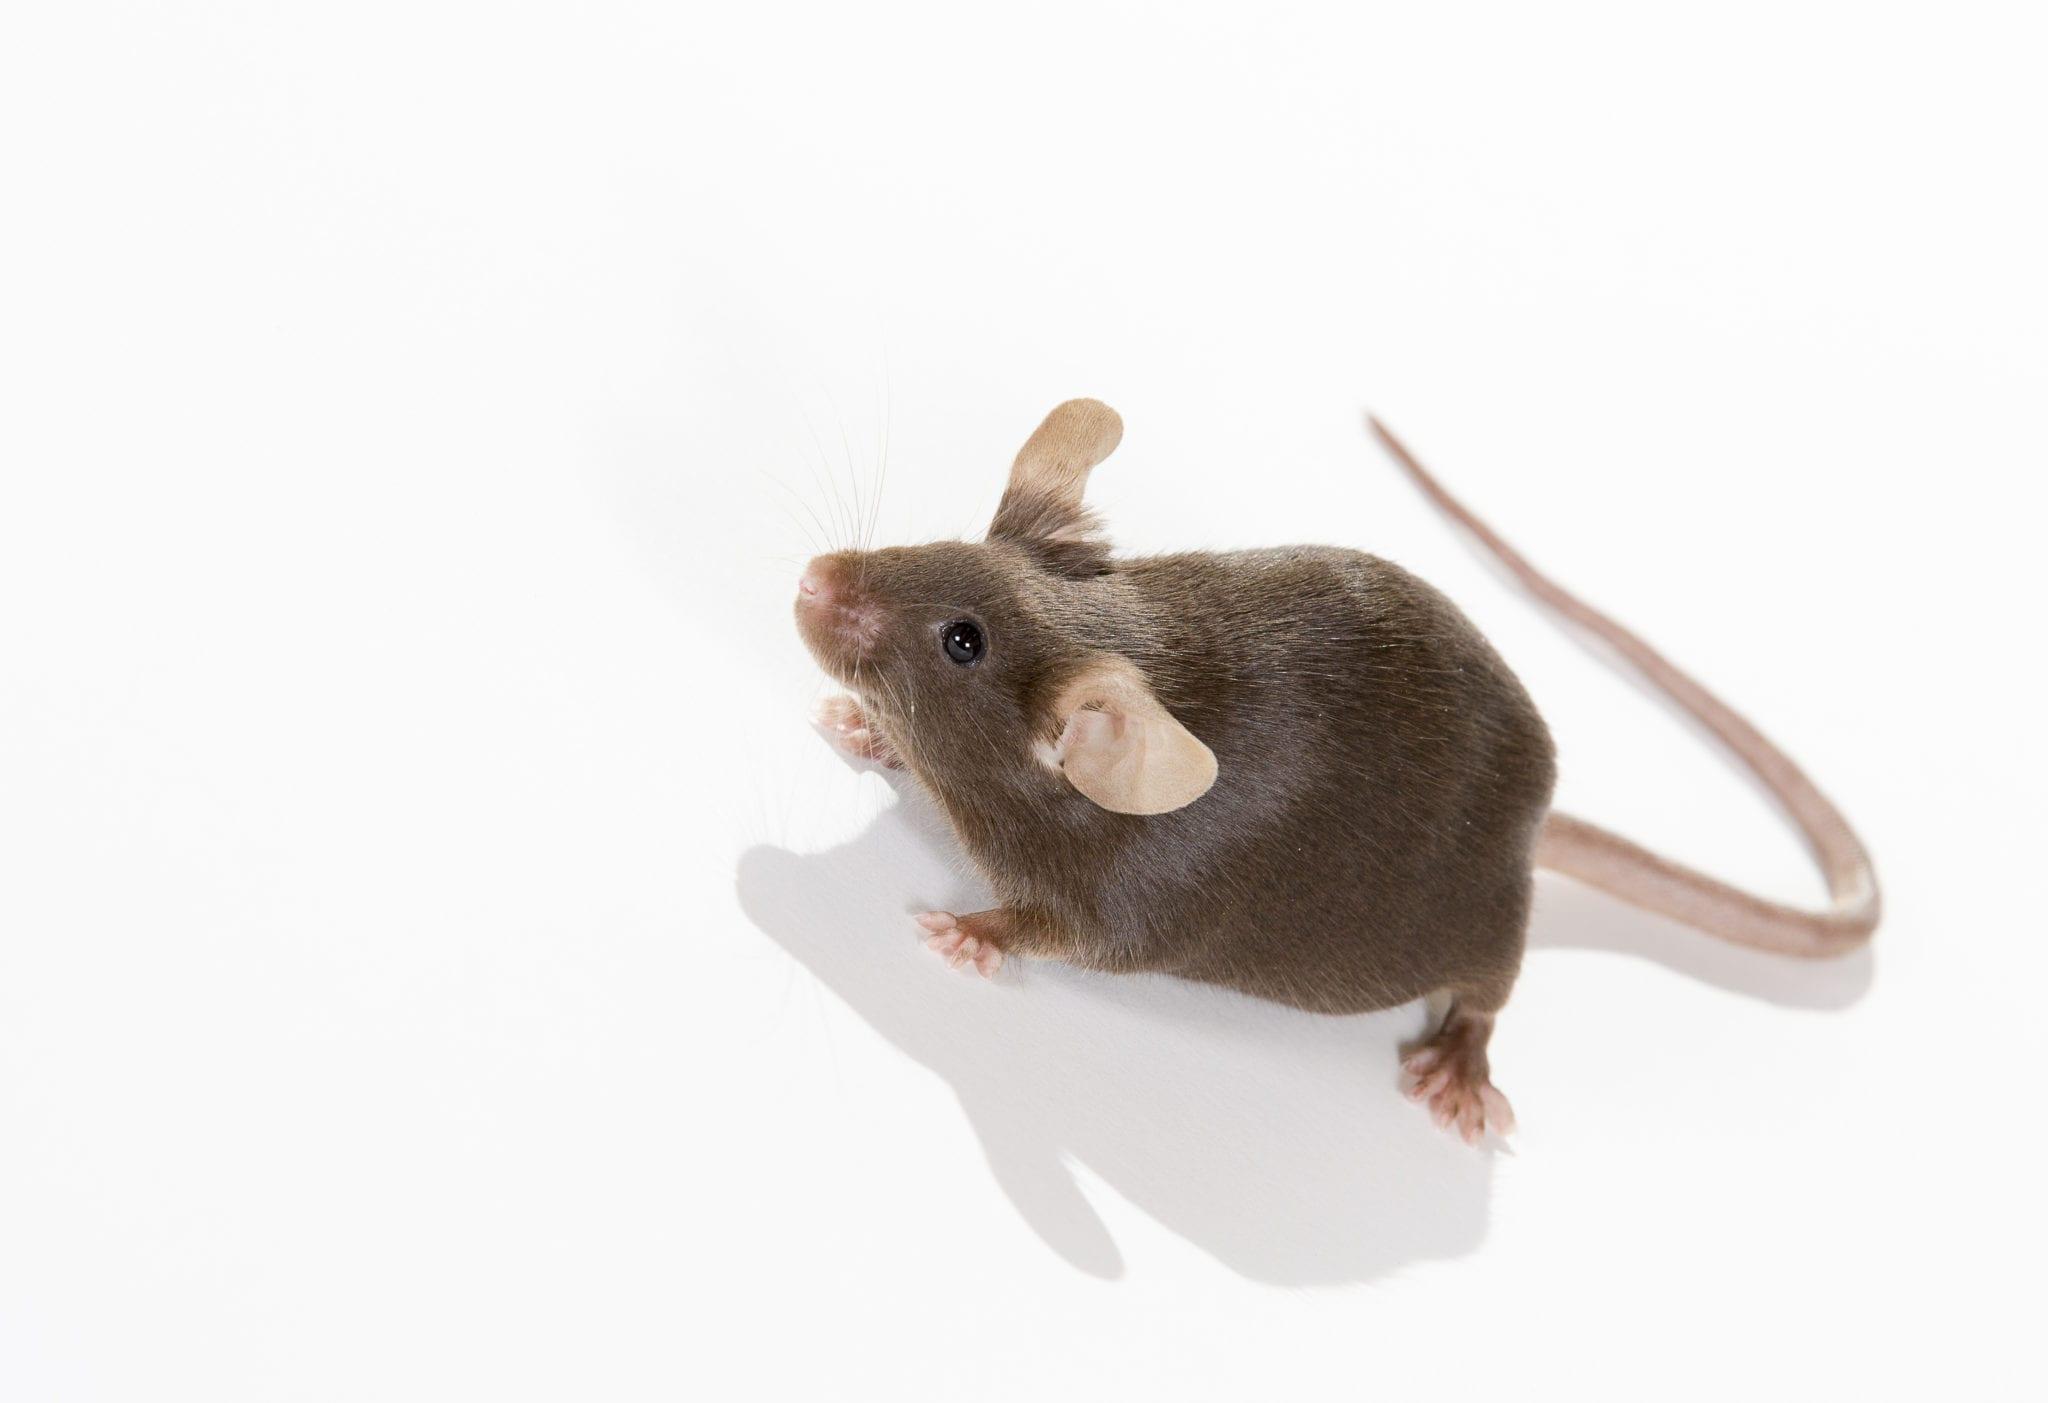 nj-mice-removal